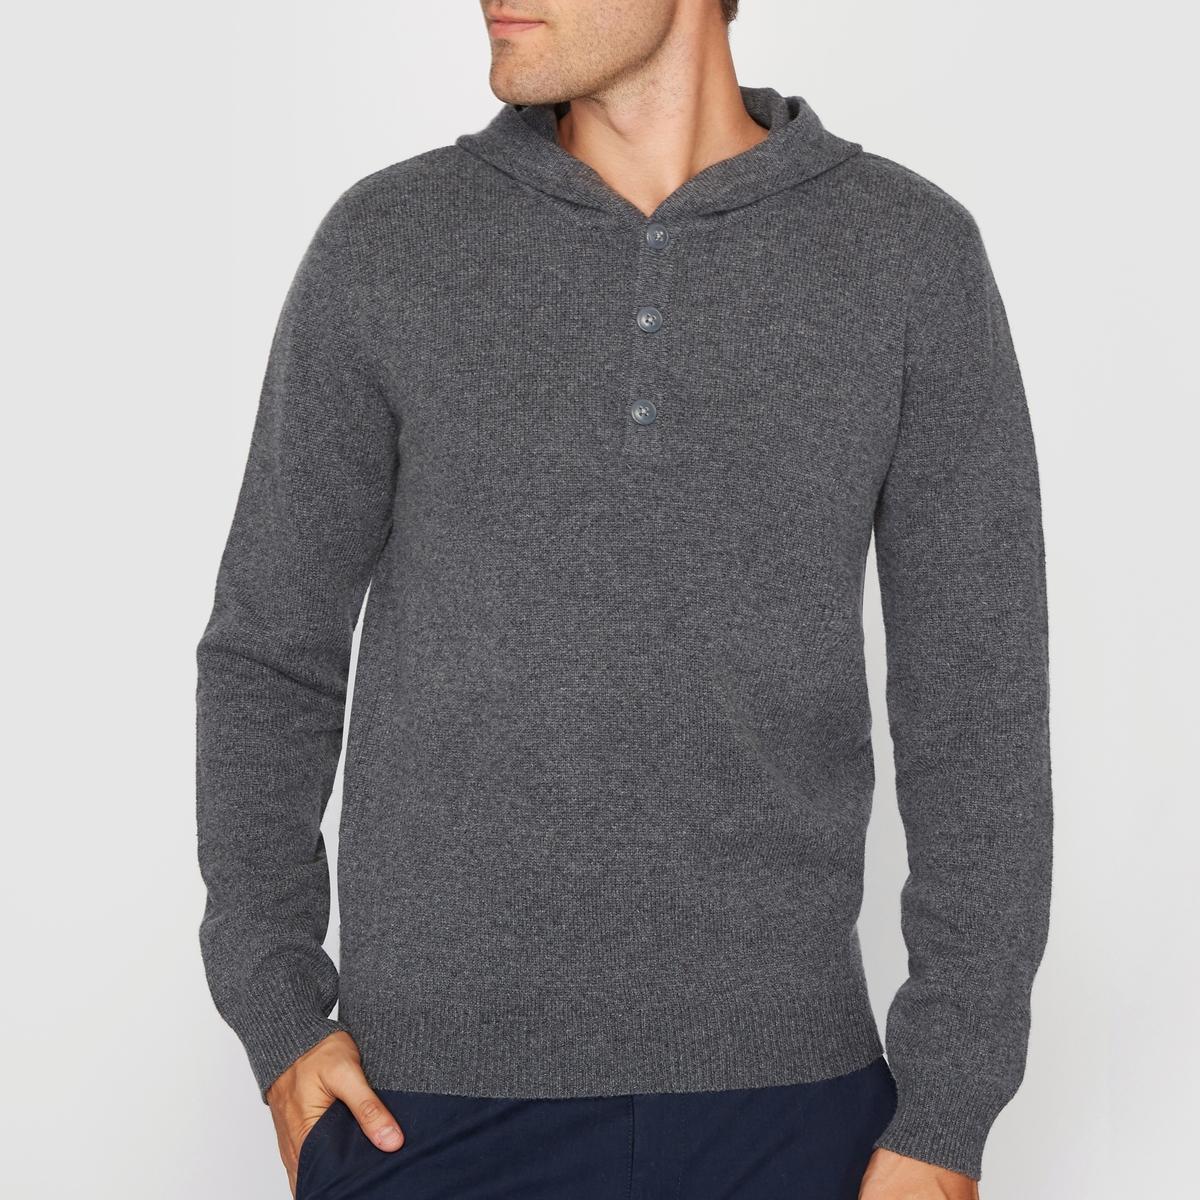 Пуловер с капюшоном из шерсти ягненкаСостав и описание:Материал : 100% шерсть ягненкаМарка : R essentielУходРучная стирка согласно рекомендациям на этикетке<br><br>Цвет: серый,черный